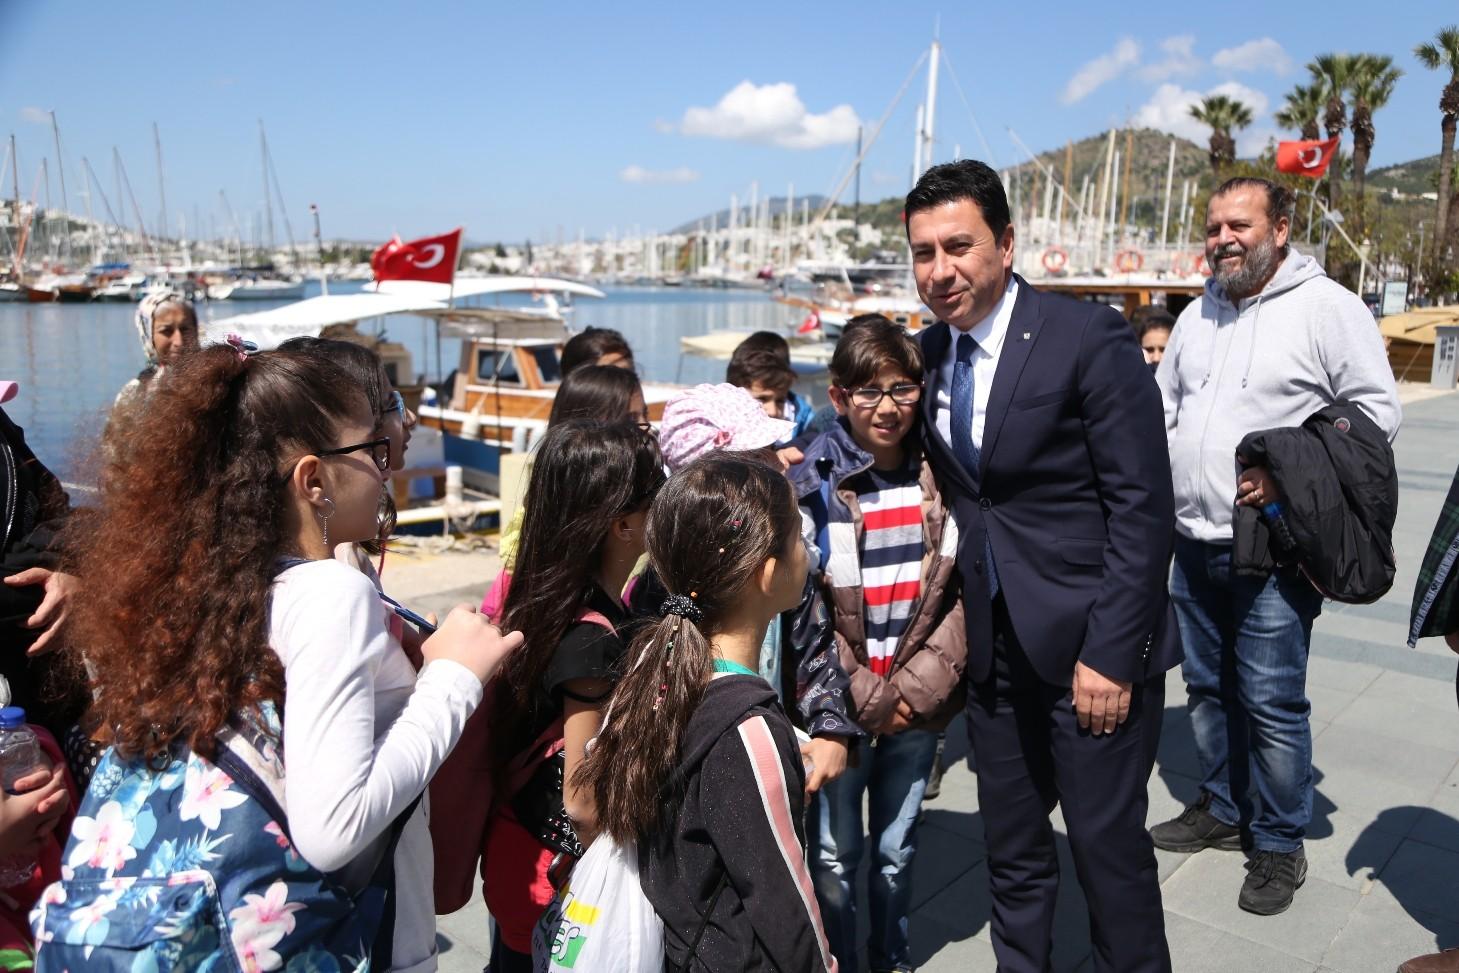 turizm haftası TURİZM HAFTASI ETKİNLİKLERLE BAŞLADI… turizm haftasi bodrum 3